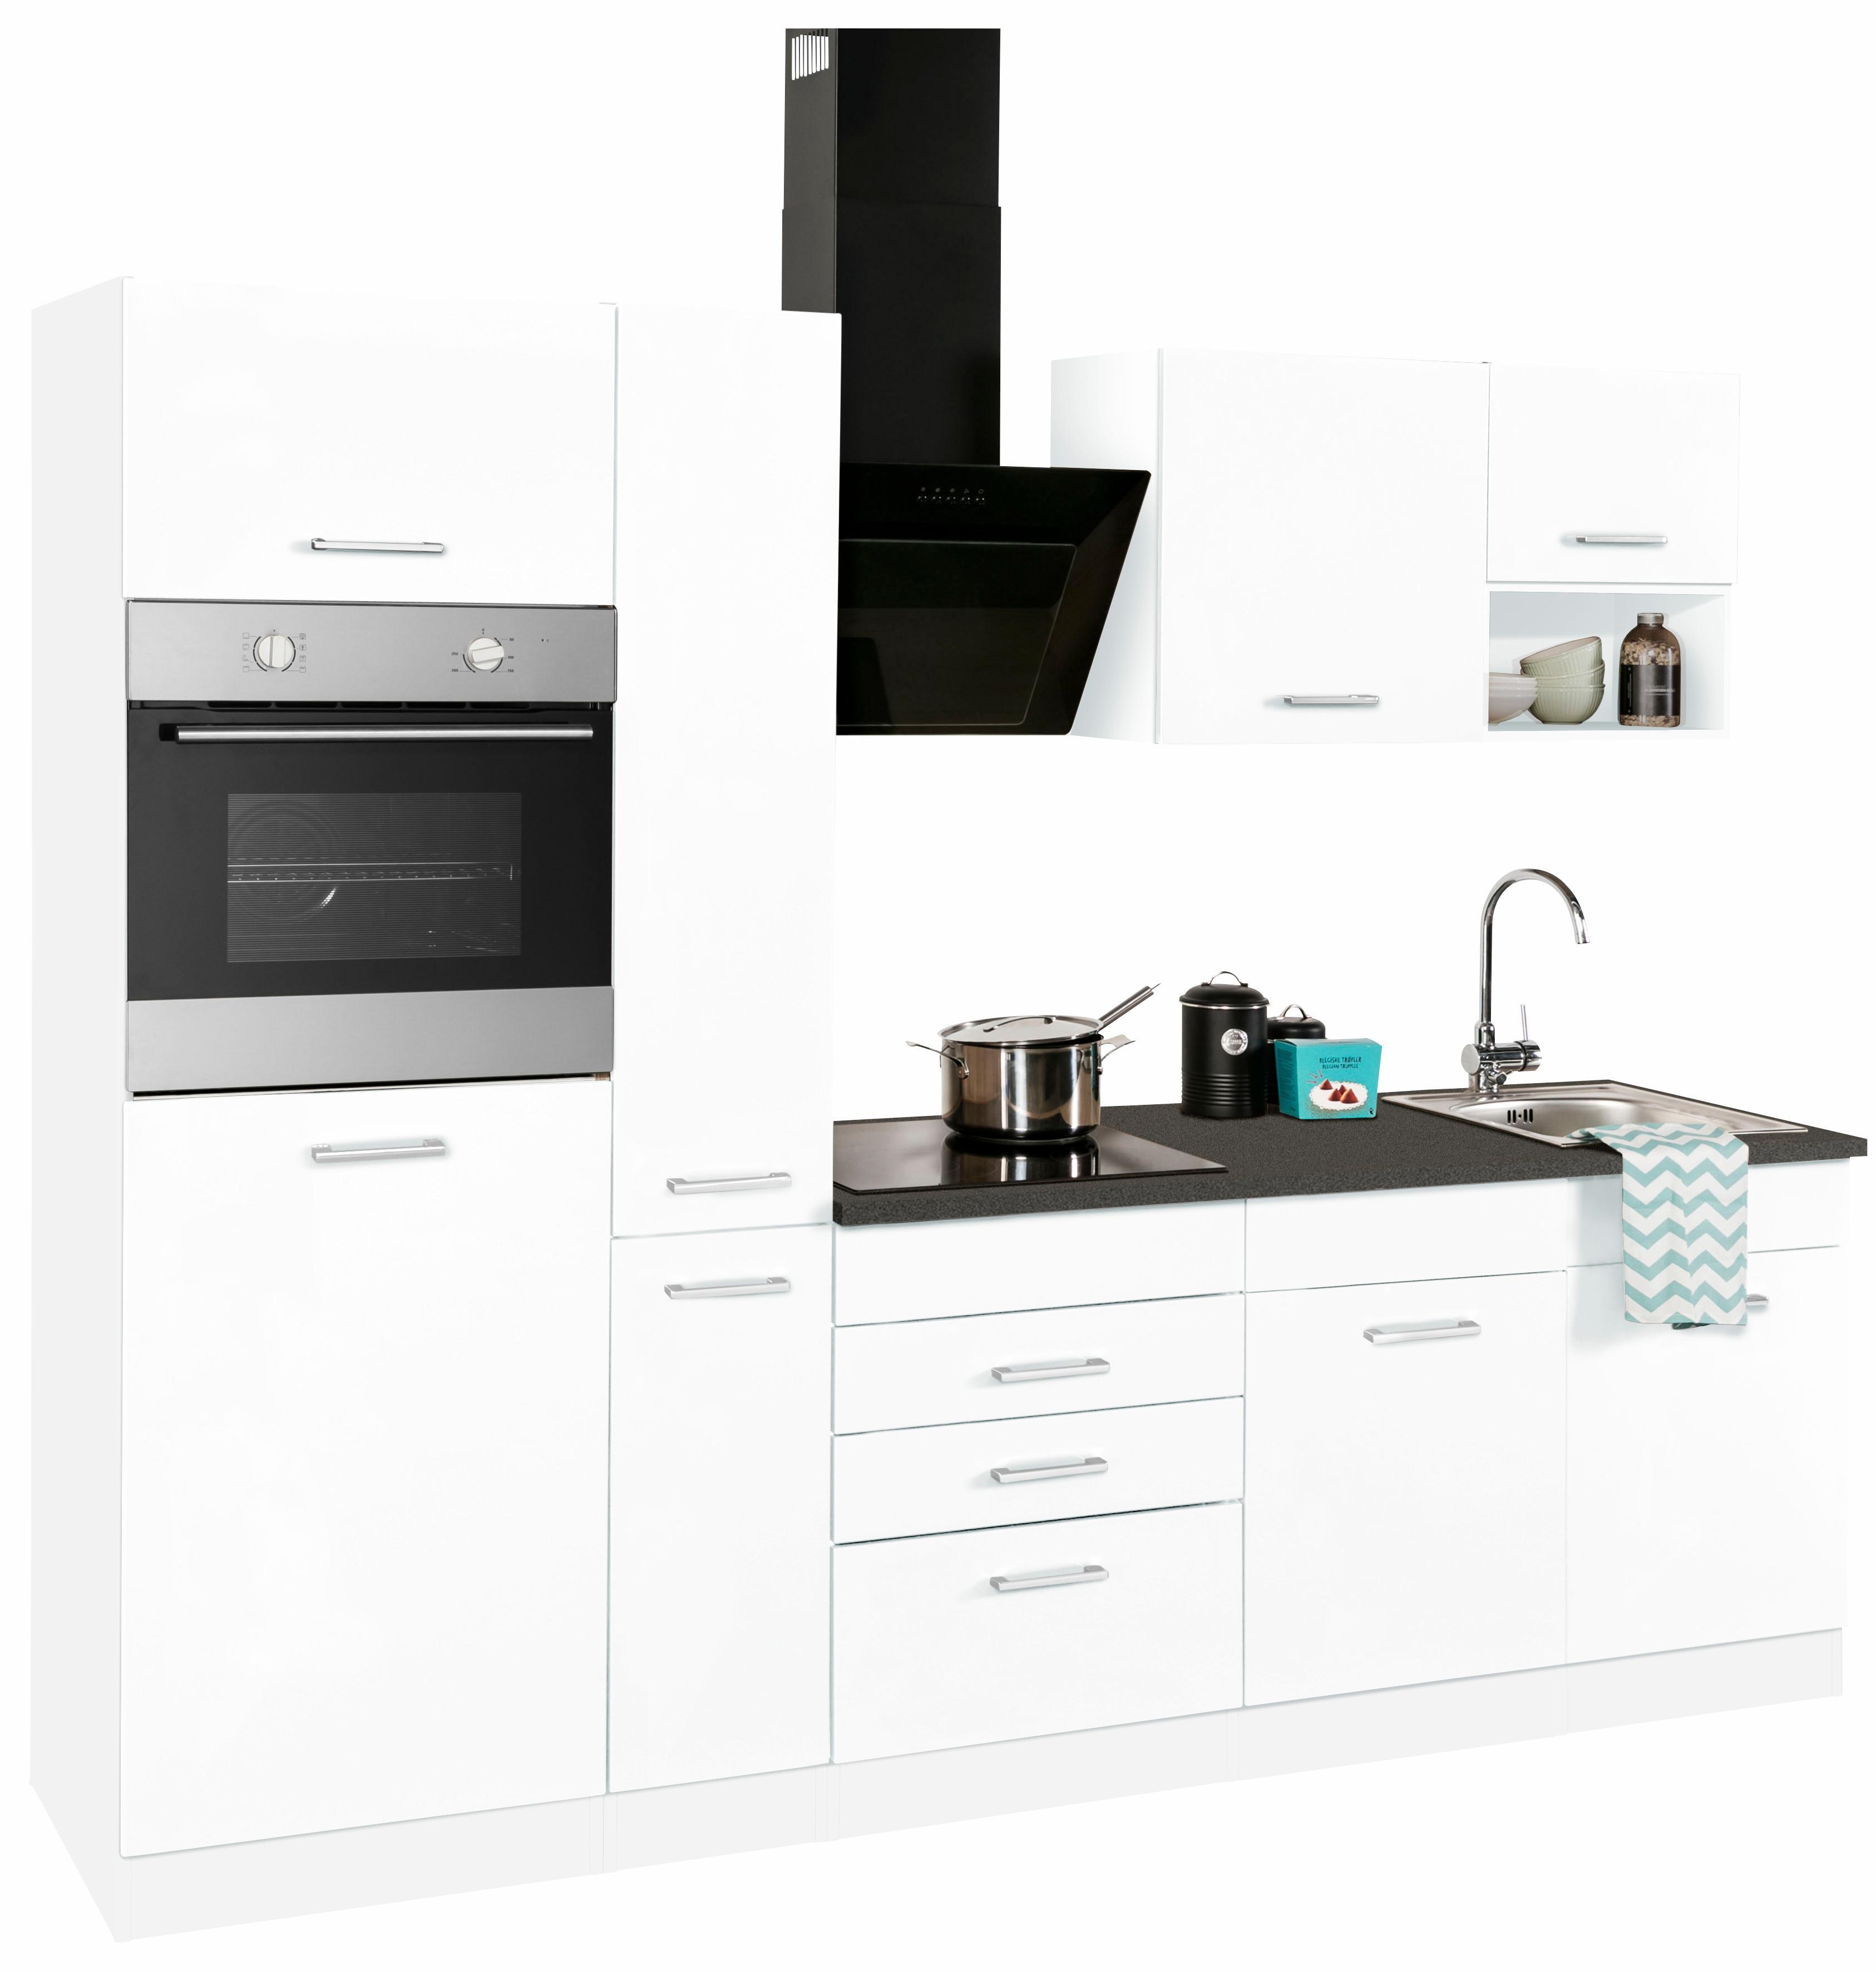 hochglanz-glaenzend Küchenzeilen online kaufen | Möbel-Suchmaschine ...